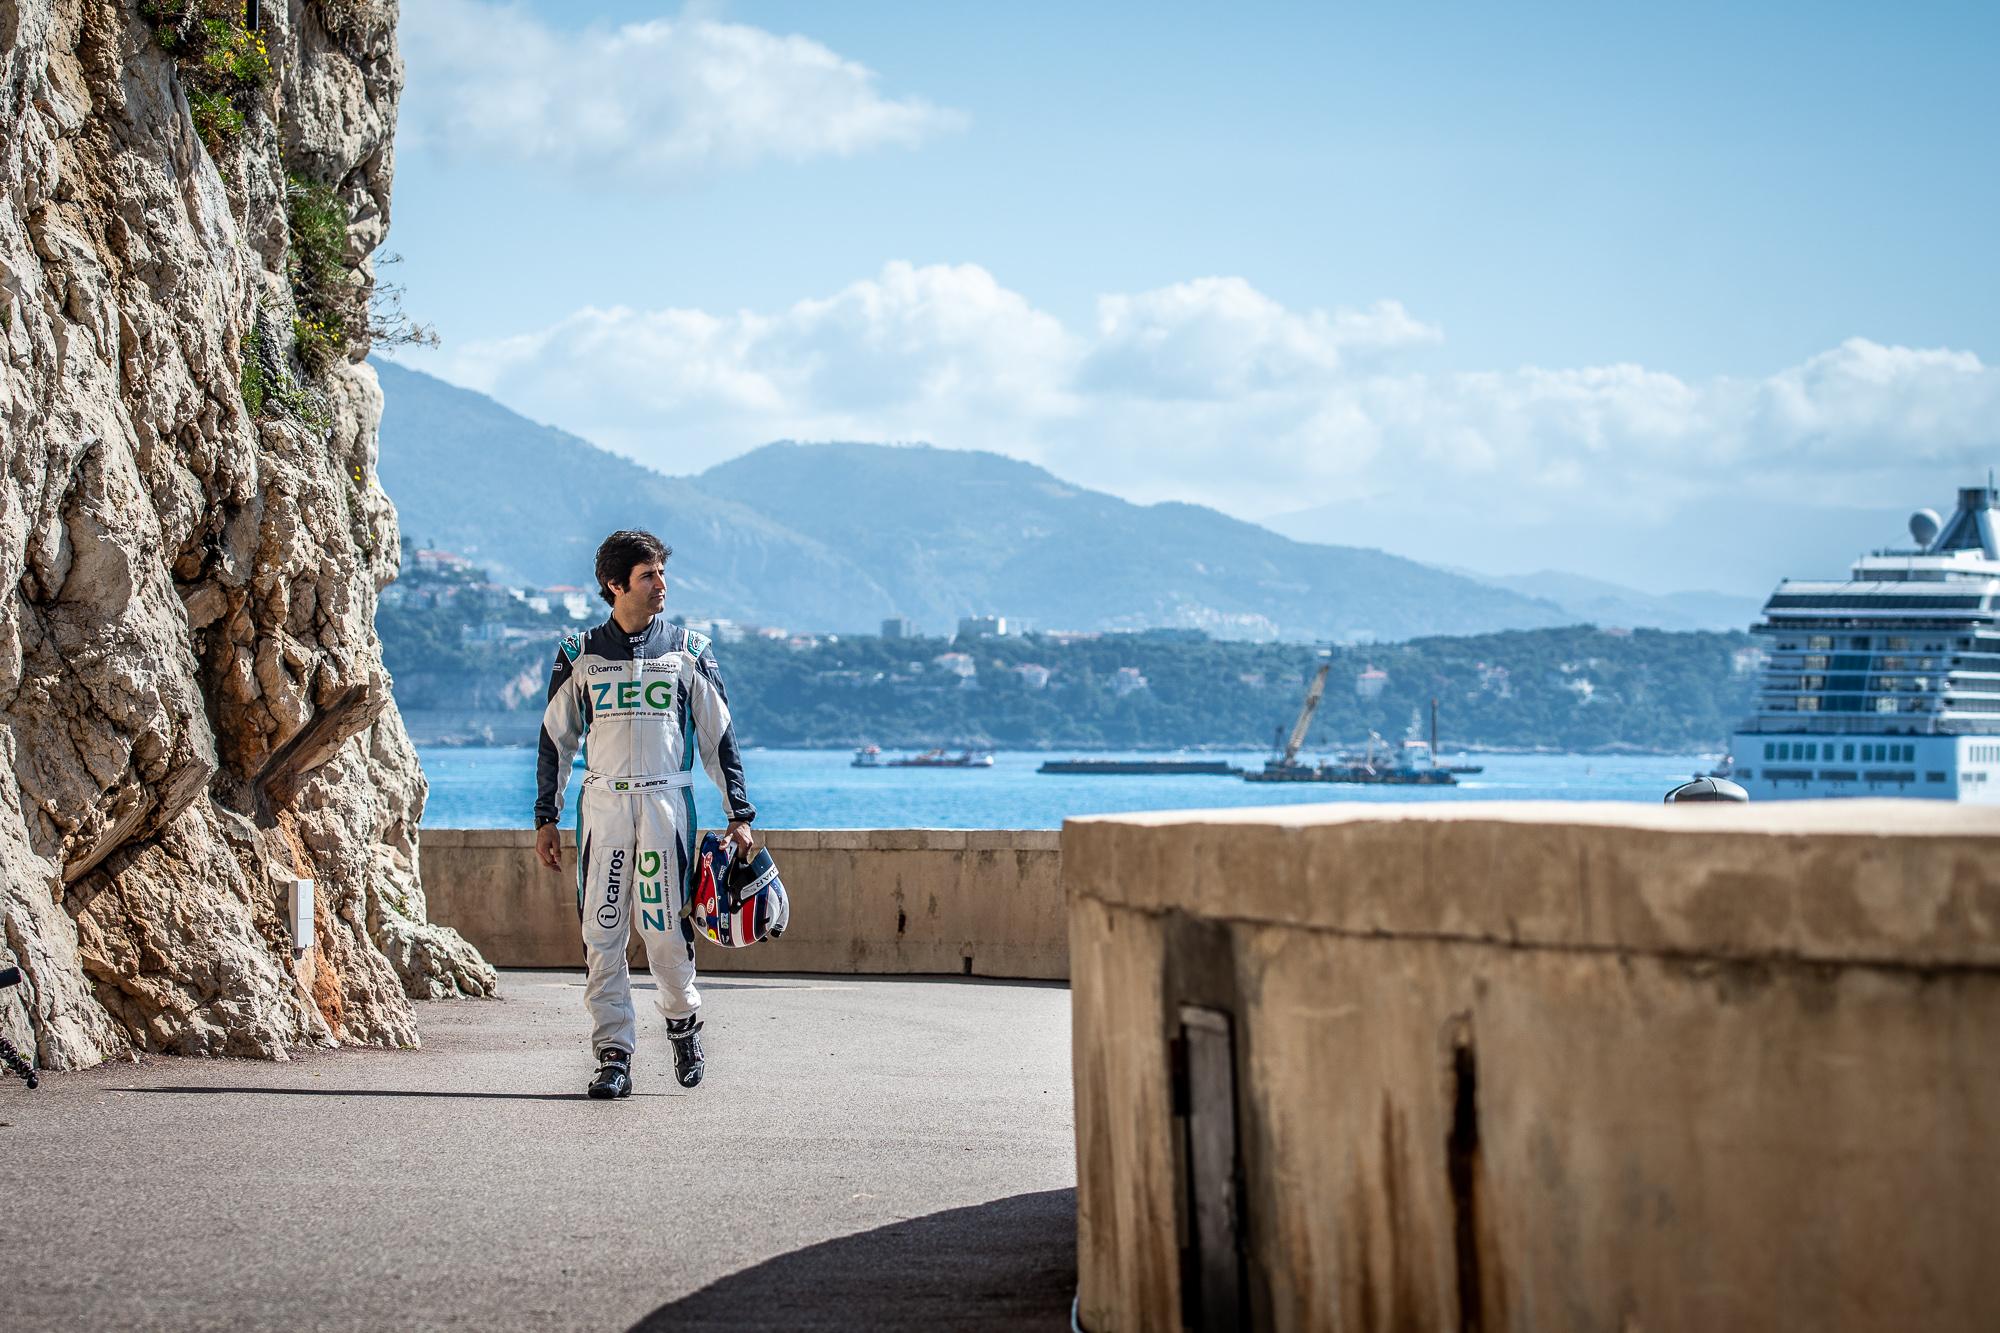 Jaguar_7.Monaco_josemariodias_01050